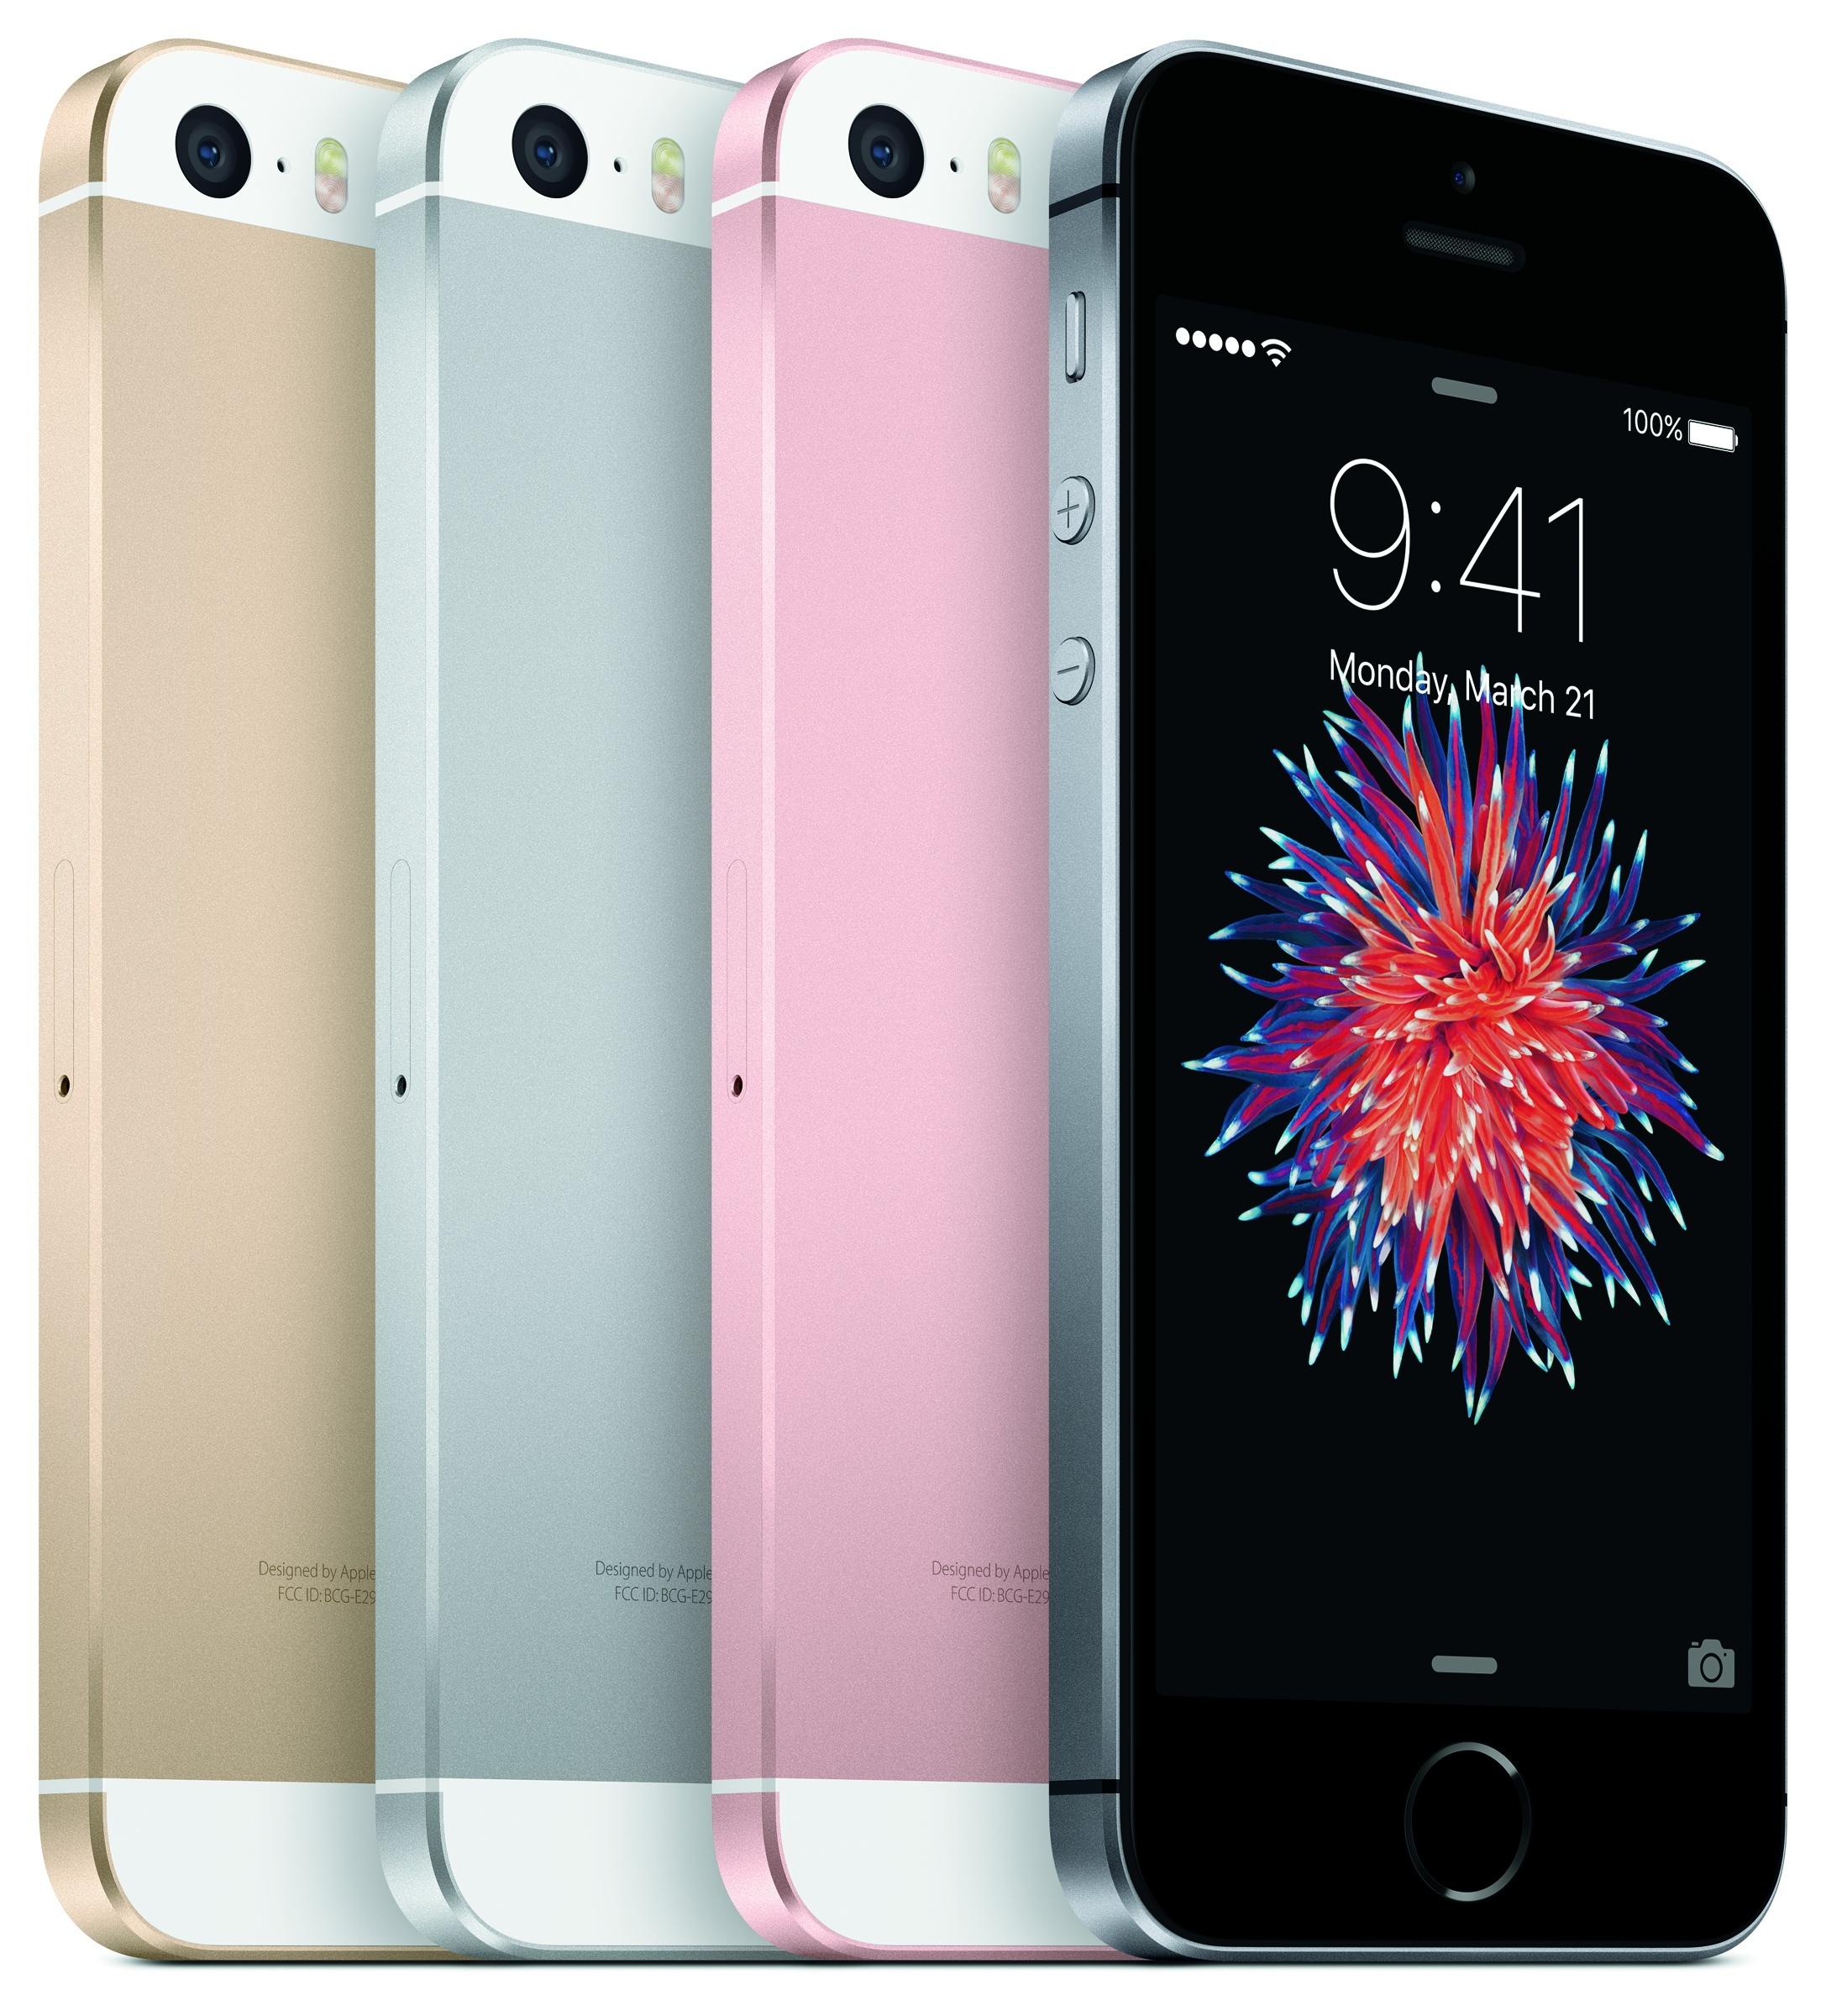 Kompakt - Klasse: Das iPhone SE hat die technik des 6ers an Bord, bietet aber einen dezenten Auftritt